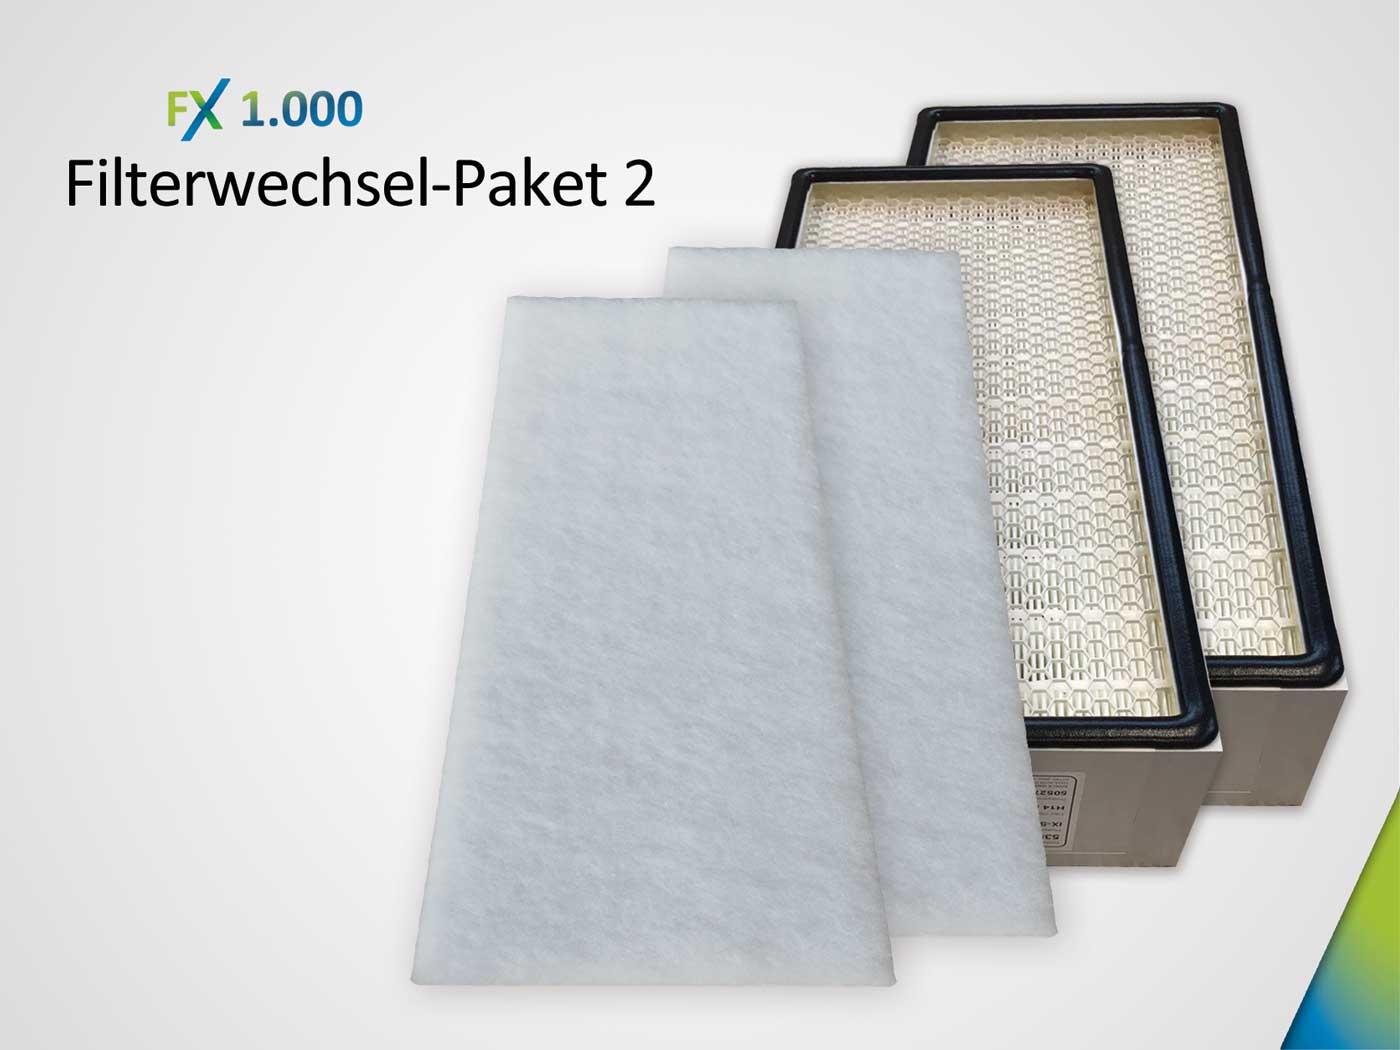 Filterwechsel-Paket bestehend aus 2 x Grobstaubfilter ISO ePM10 > 50% & Hauptfilter 2 x HEPA H14